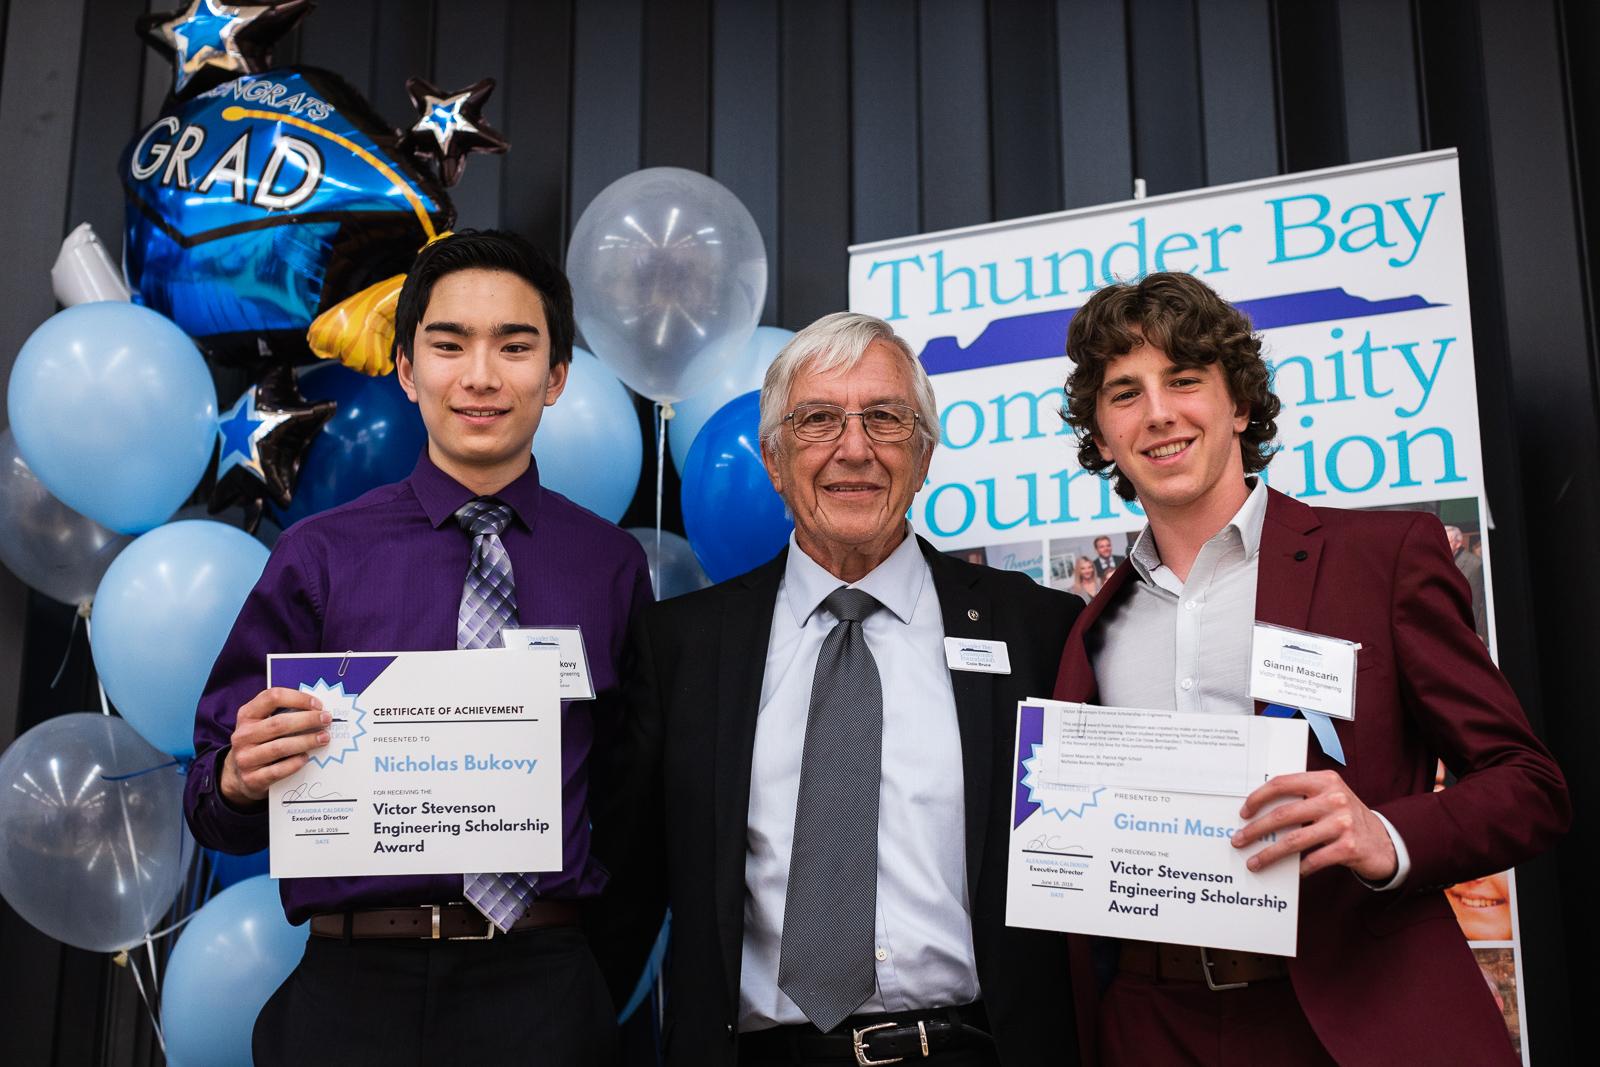 scholarship-bursary-award-reception-150.jpg